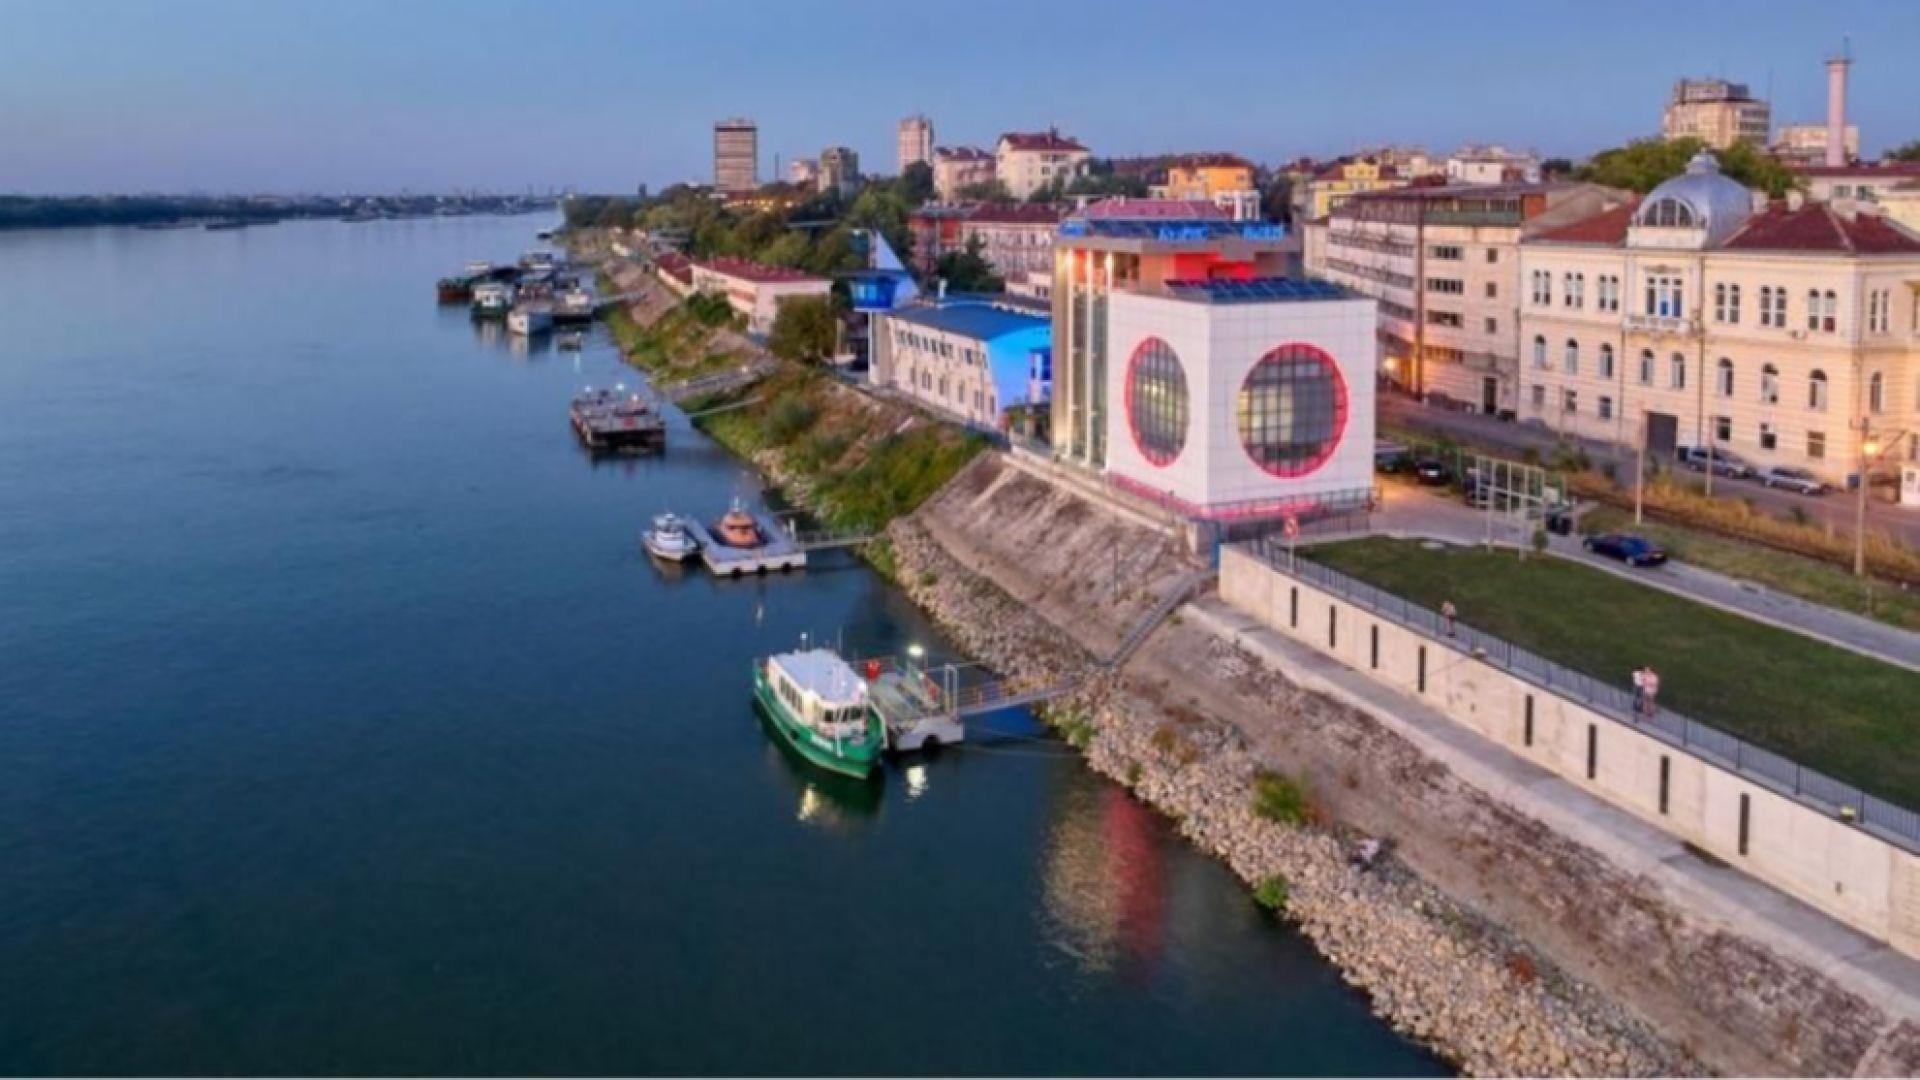 Корабоплаването по Дунав се съживява след пандемията